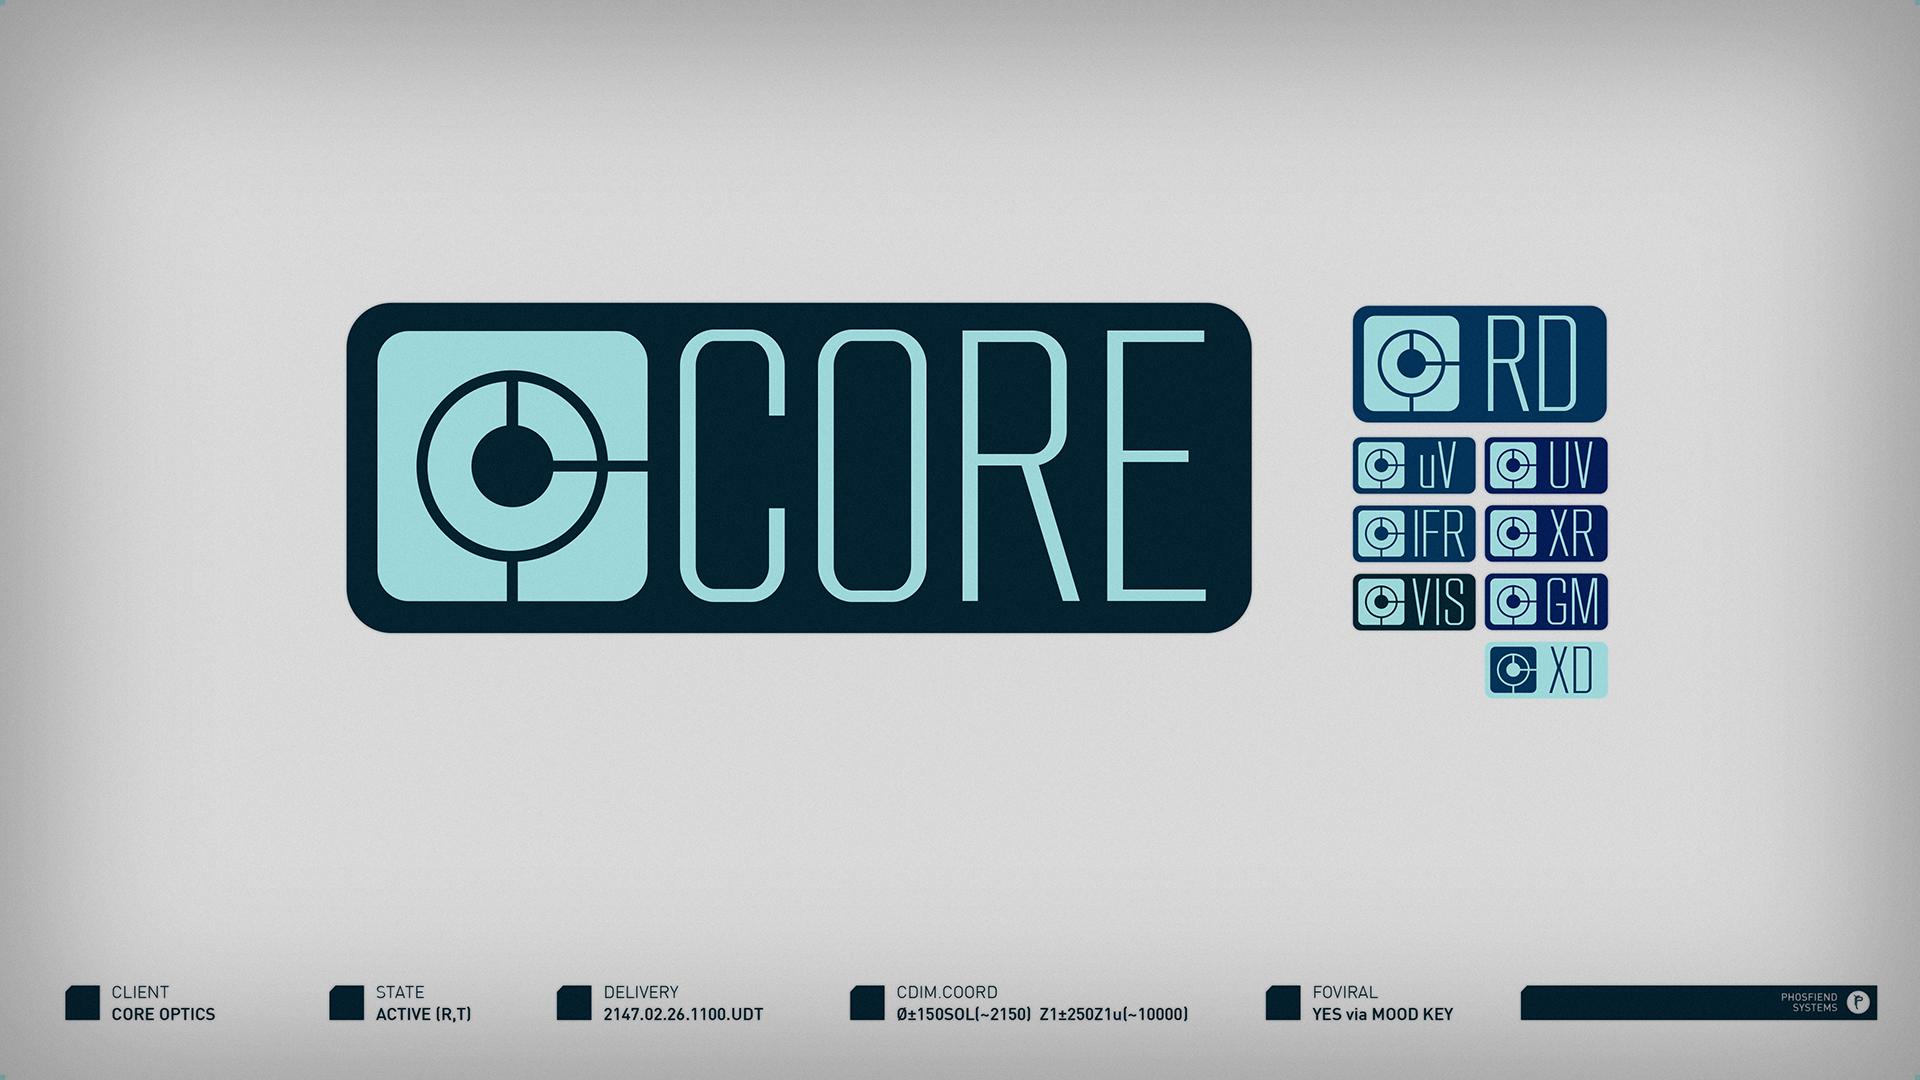 CORE Optics | circa 2147